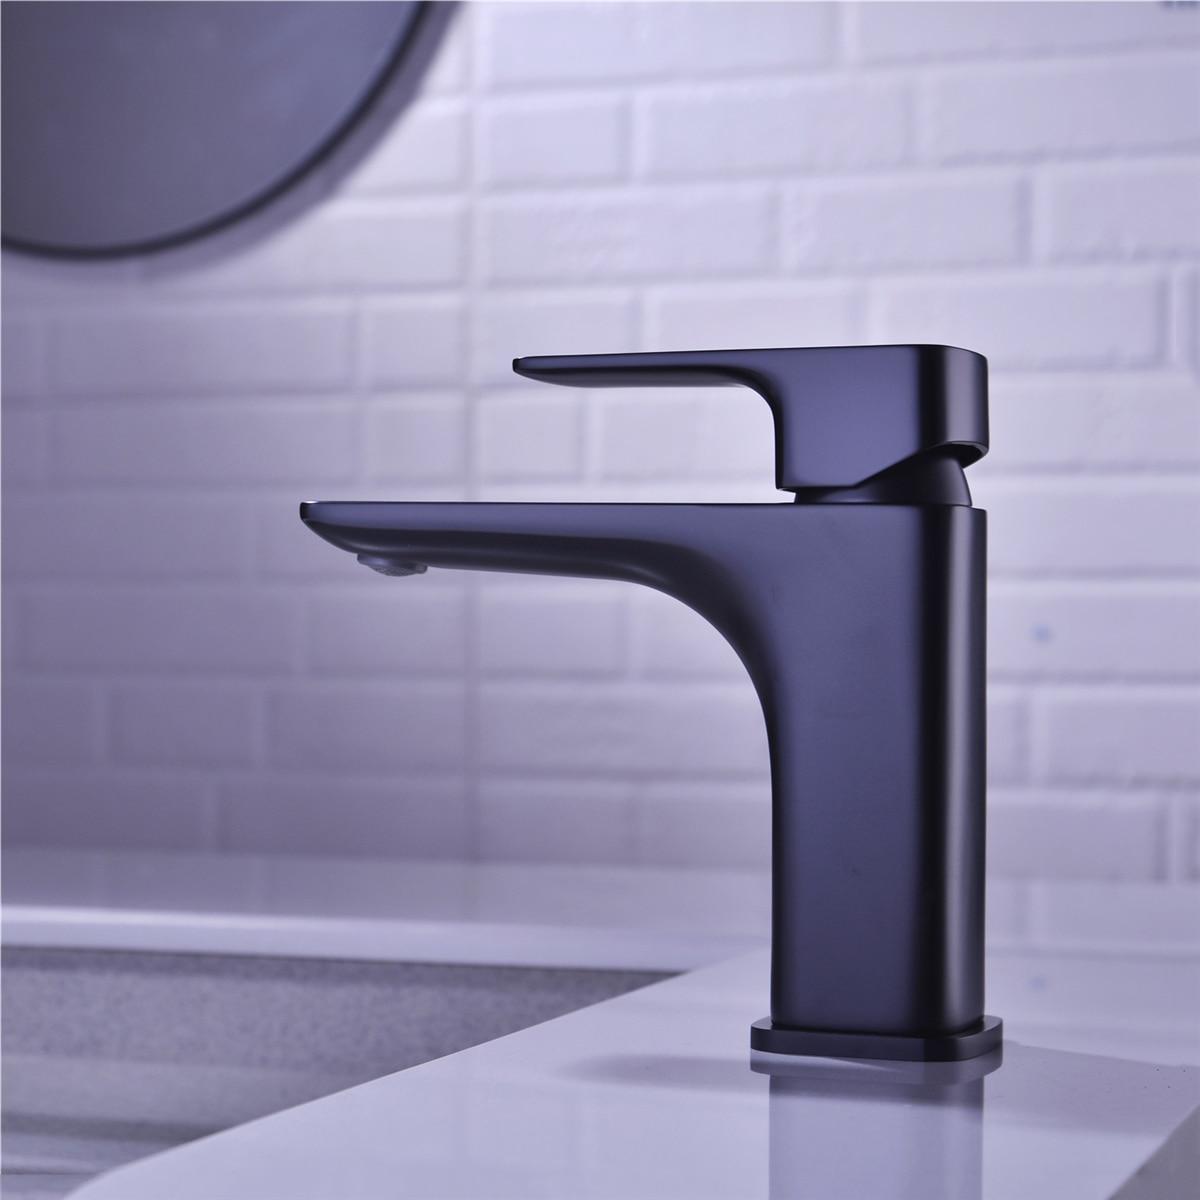 Grifo mezclador de lavabo de baño, AODEYI, grifo mezclador de lavabo de latón de un solo orificio con agua fría o caliente, línea de suministro, negro mate